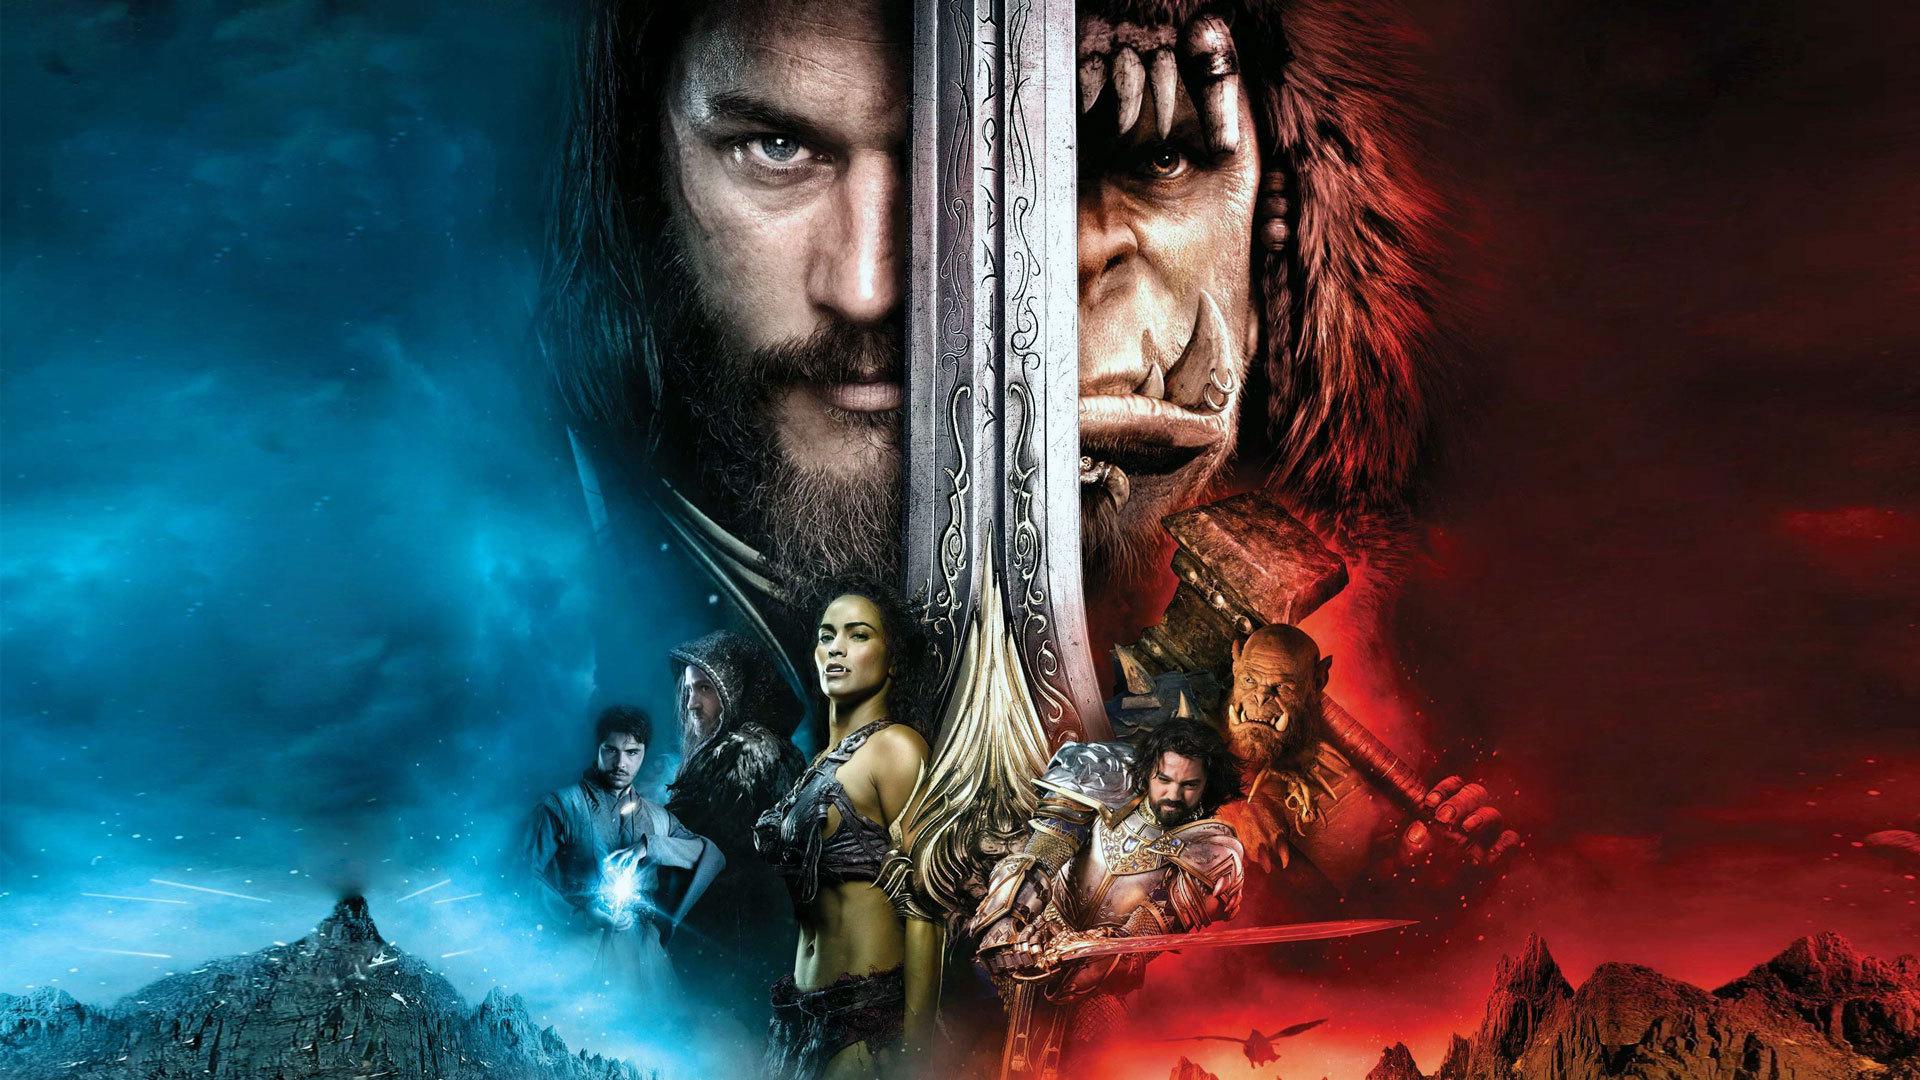 Warcraft Movie Hd 4k